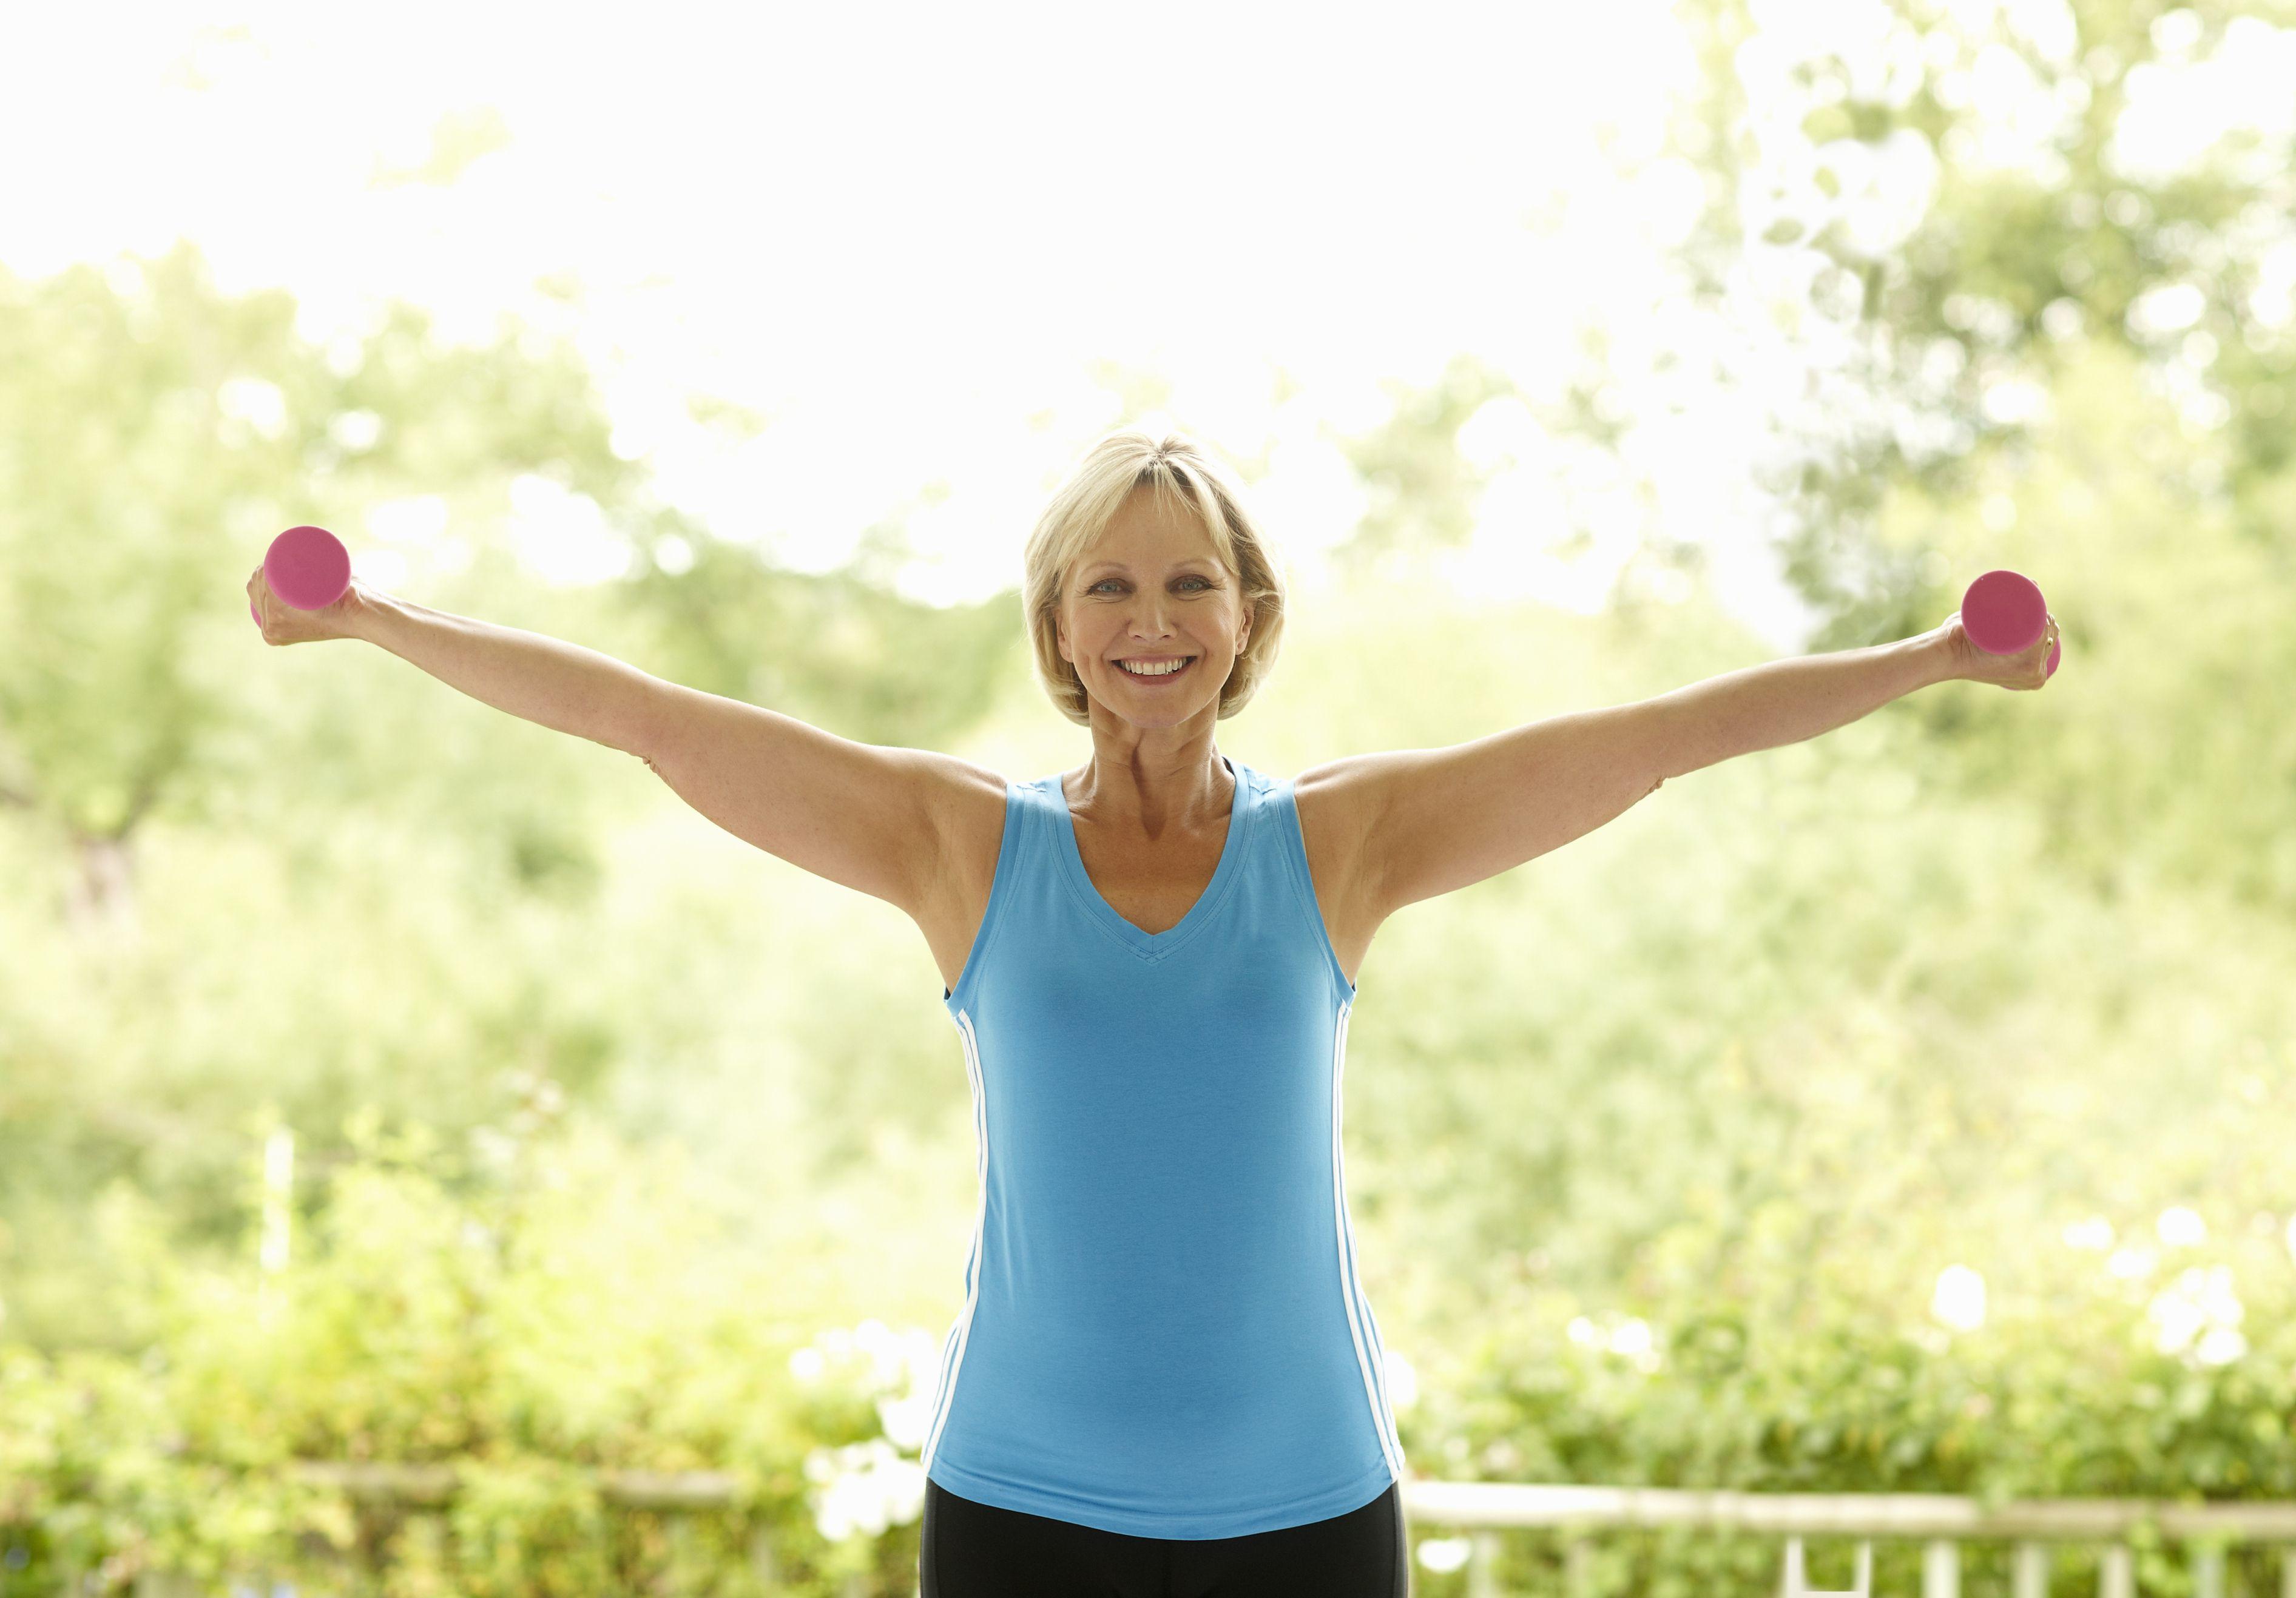 Dumbbell Strength Training Exercises for Seniors